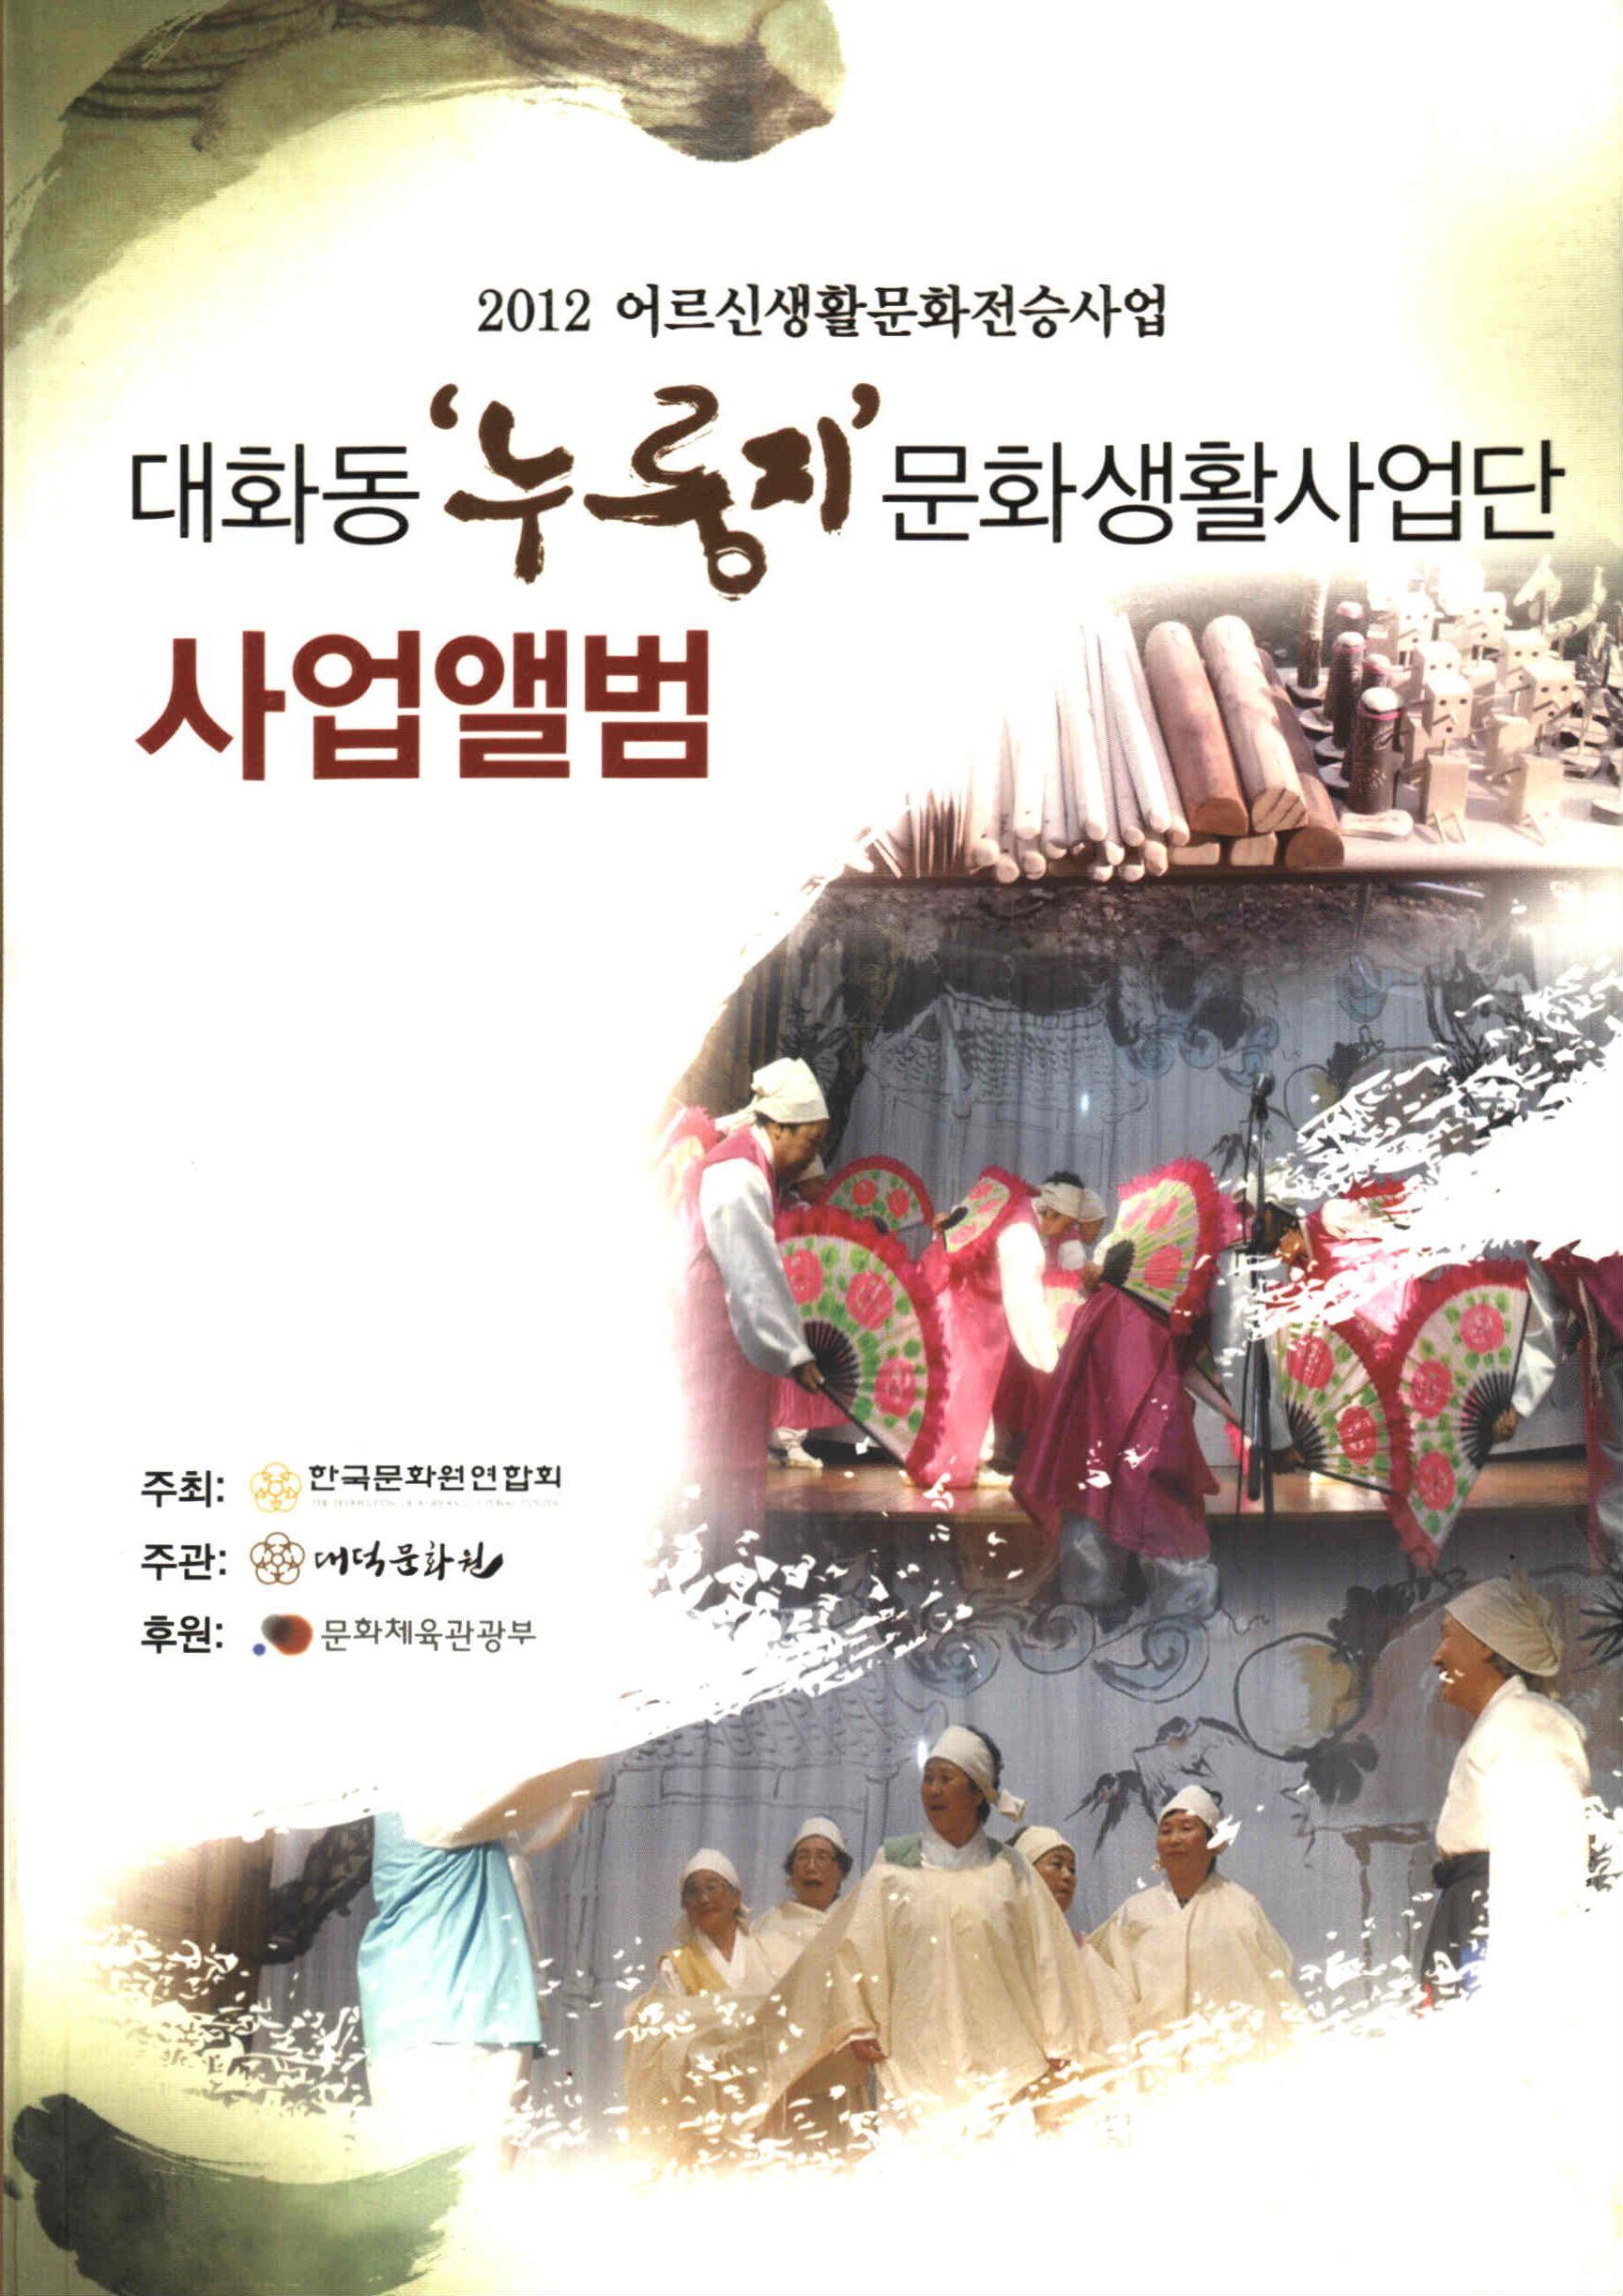 대화동 누룽지 문화생활사업단 사업앨범